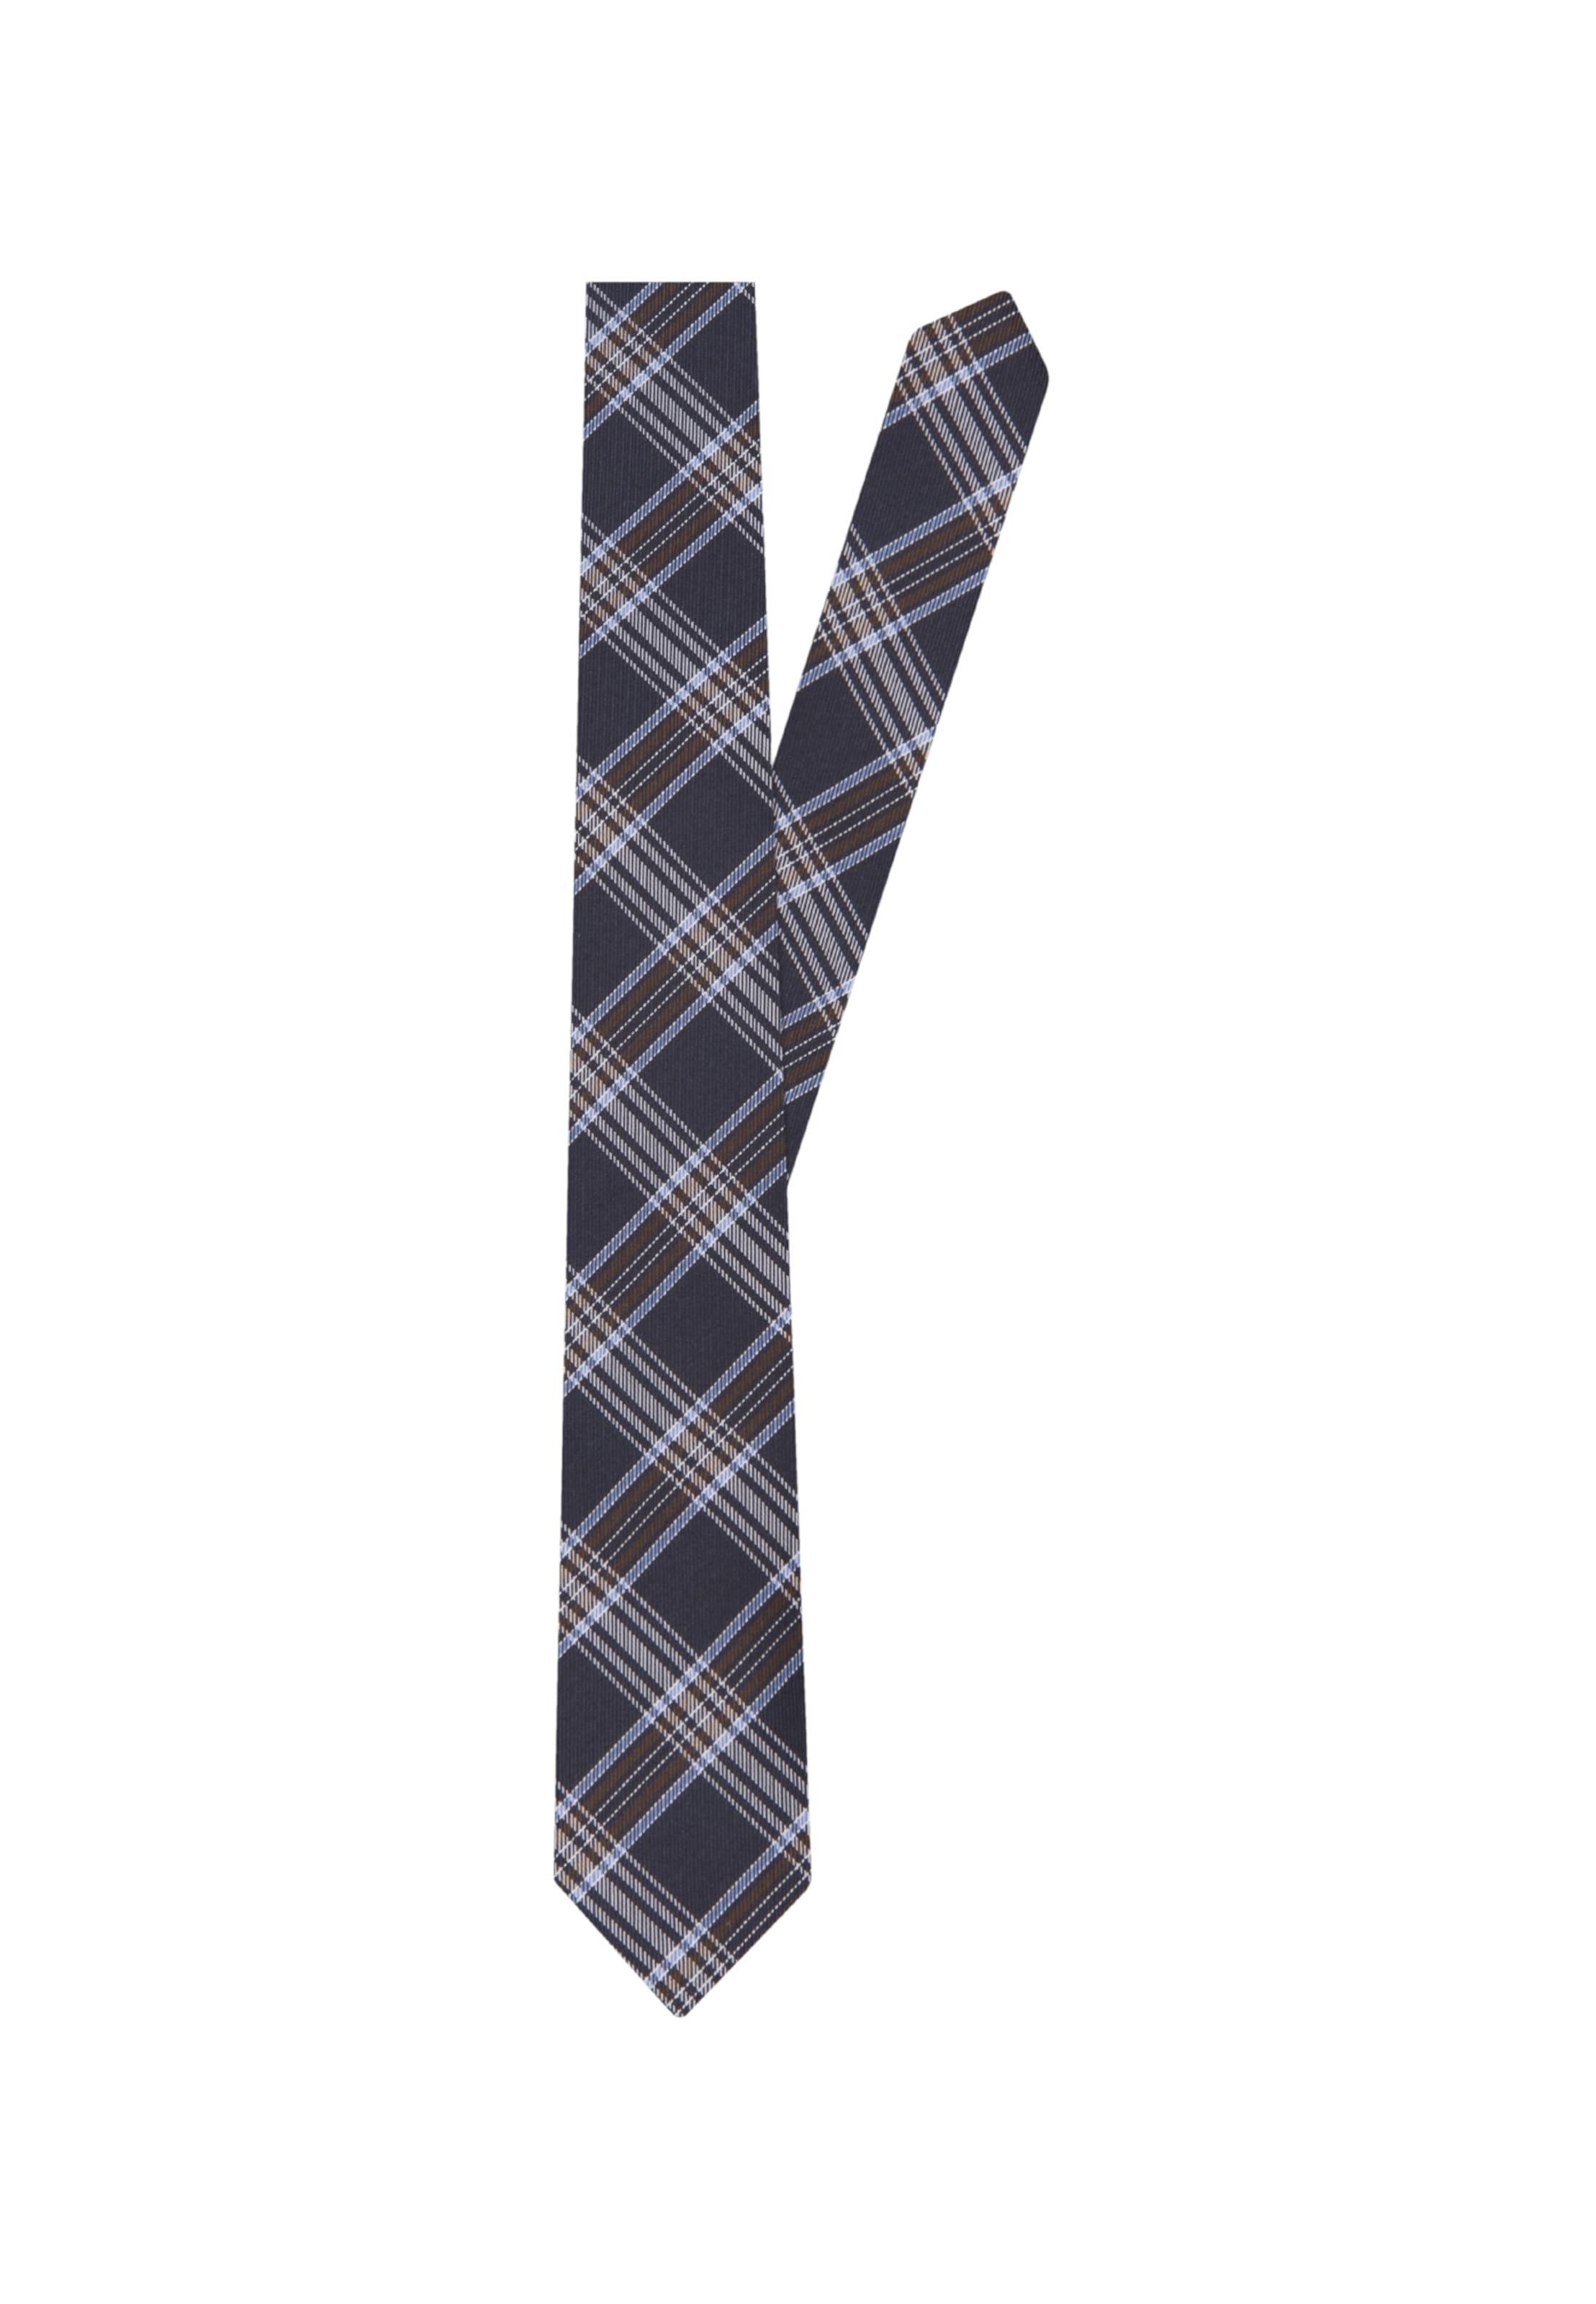 Seidensticker Rose' Krawatte MarineHellblau Braun Weiß 'schwarze In N80nwvm